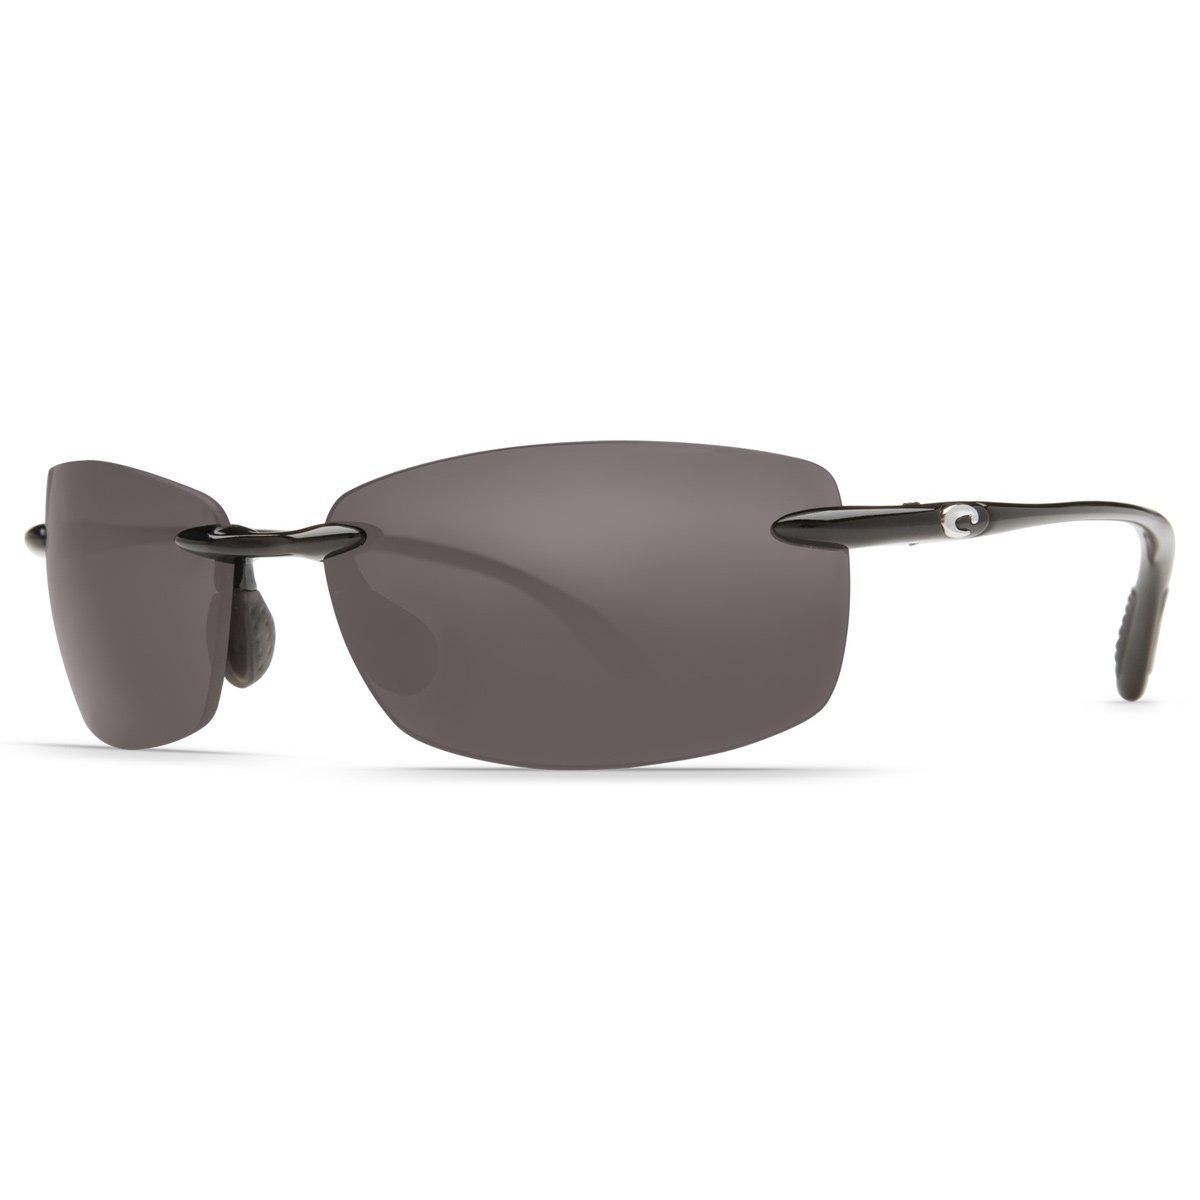 Costa Del Mar Ballast C-Mates 2.50 Sunglasses Shiny Black/Gray 580Plastic